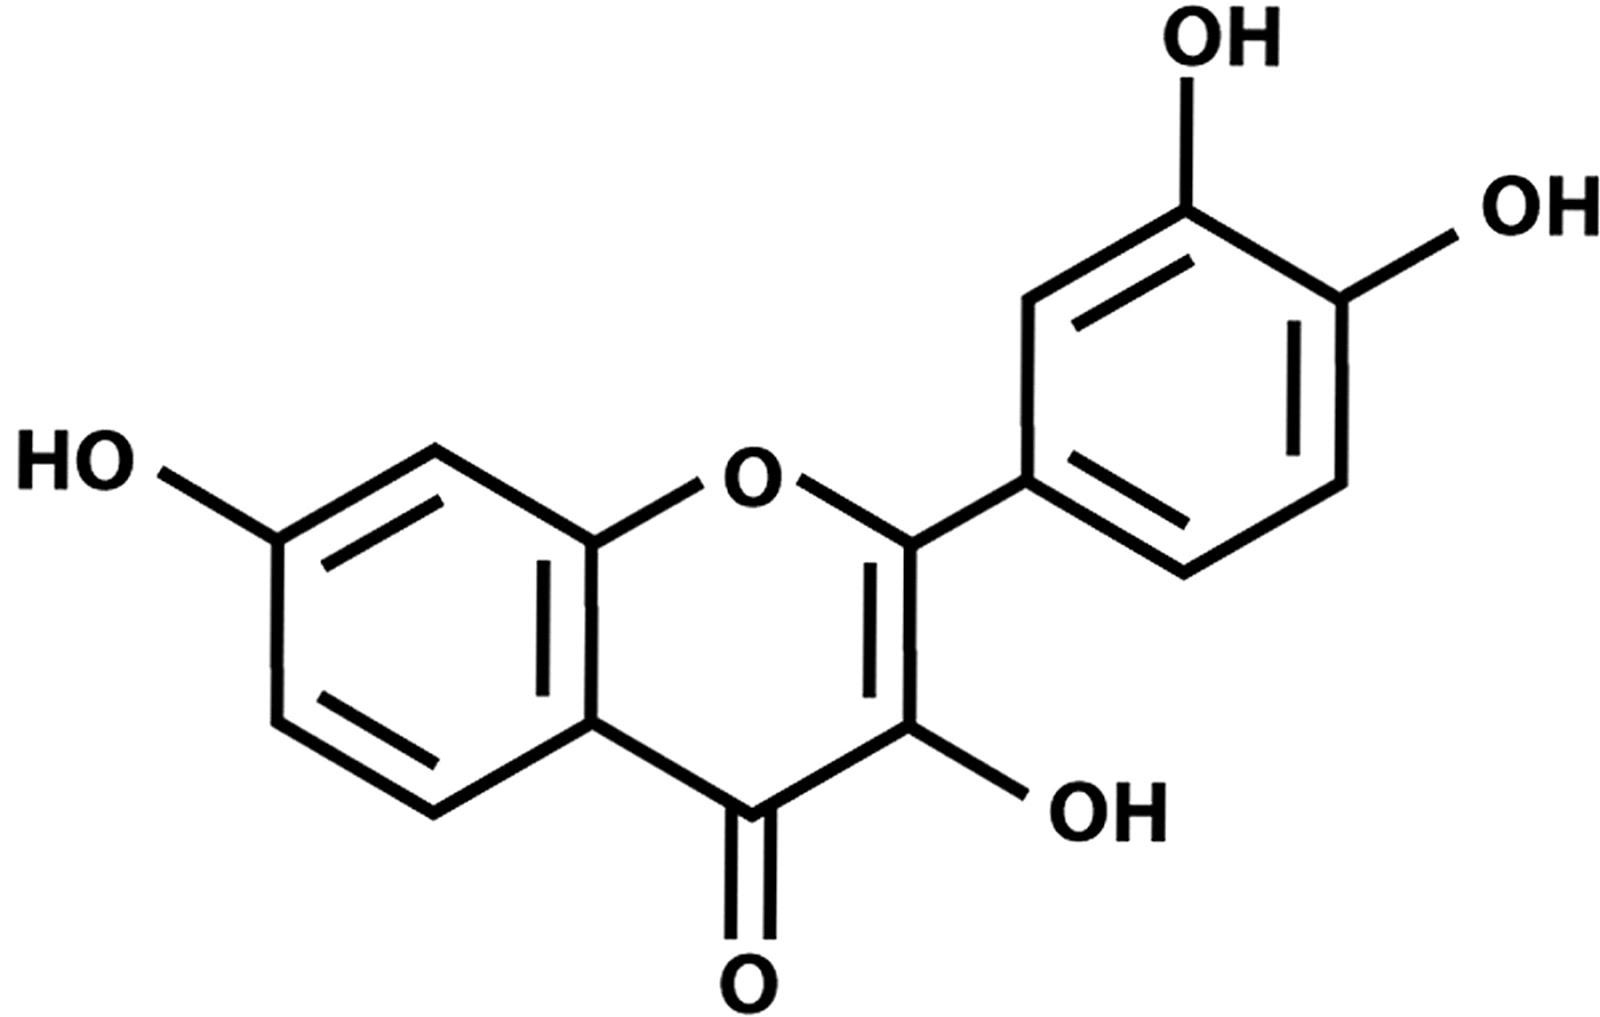 Jack 2013 07 14 secara umum minyak atsiri adalah senyawa yang mengandung karbon dan hidrogen yang tidak bersifat aromatik yang disebut terpenoid ccuart Images